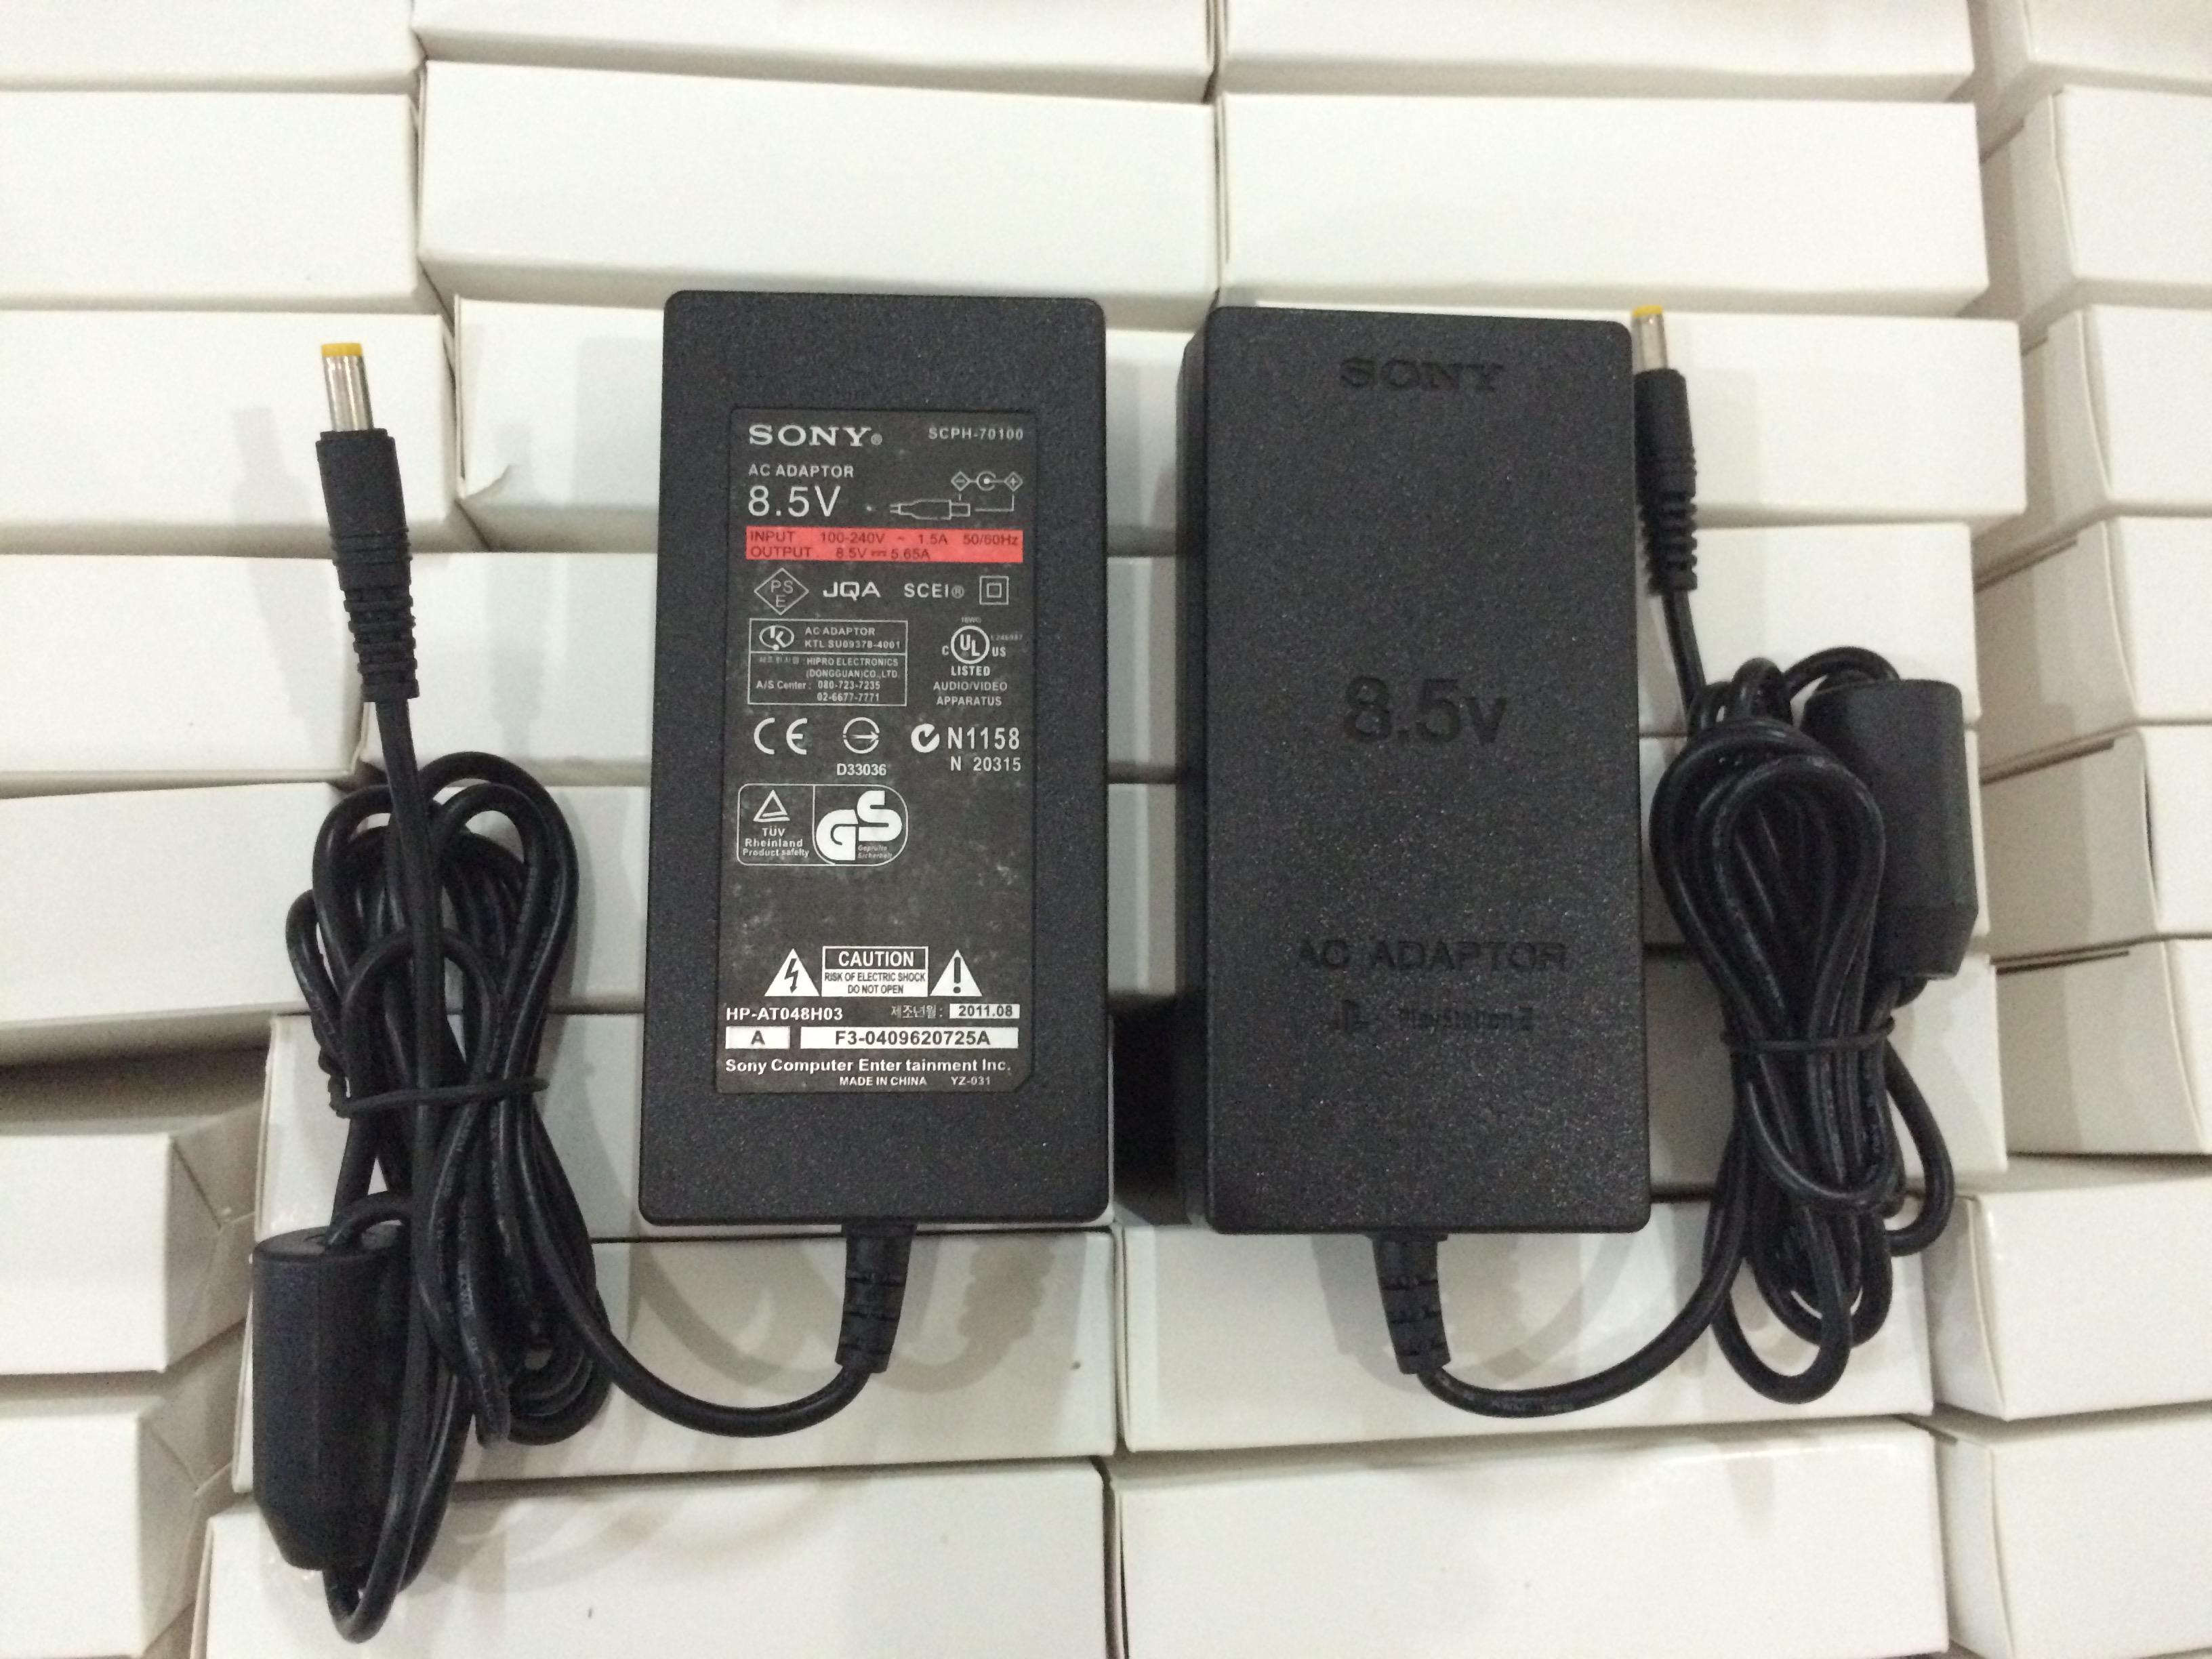 PS2 в оригинальной упаковке Электропитание( в подарок Кабель питания) PS2 источник питания PS2 адаптер питания PS2 источник питания